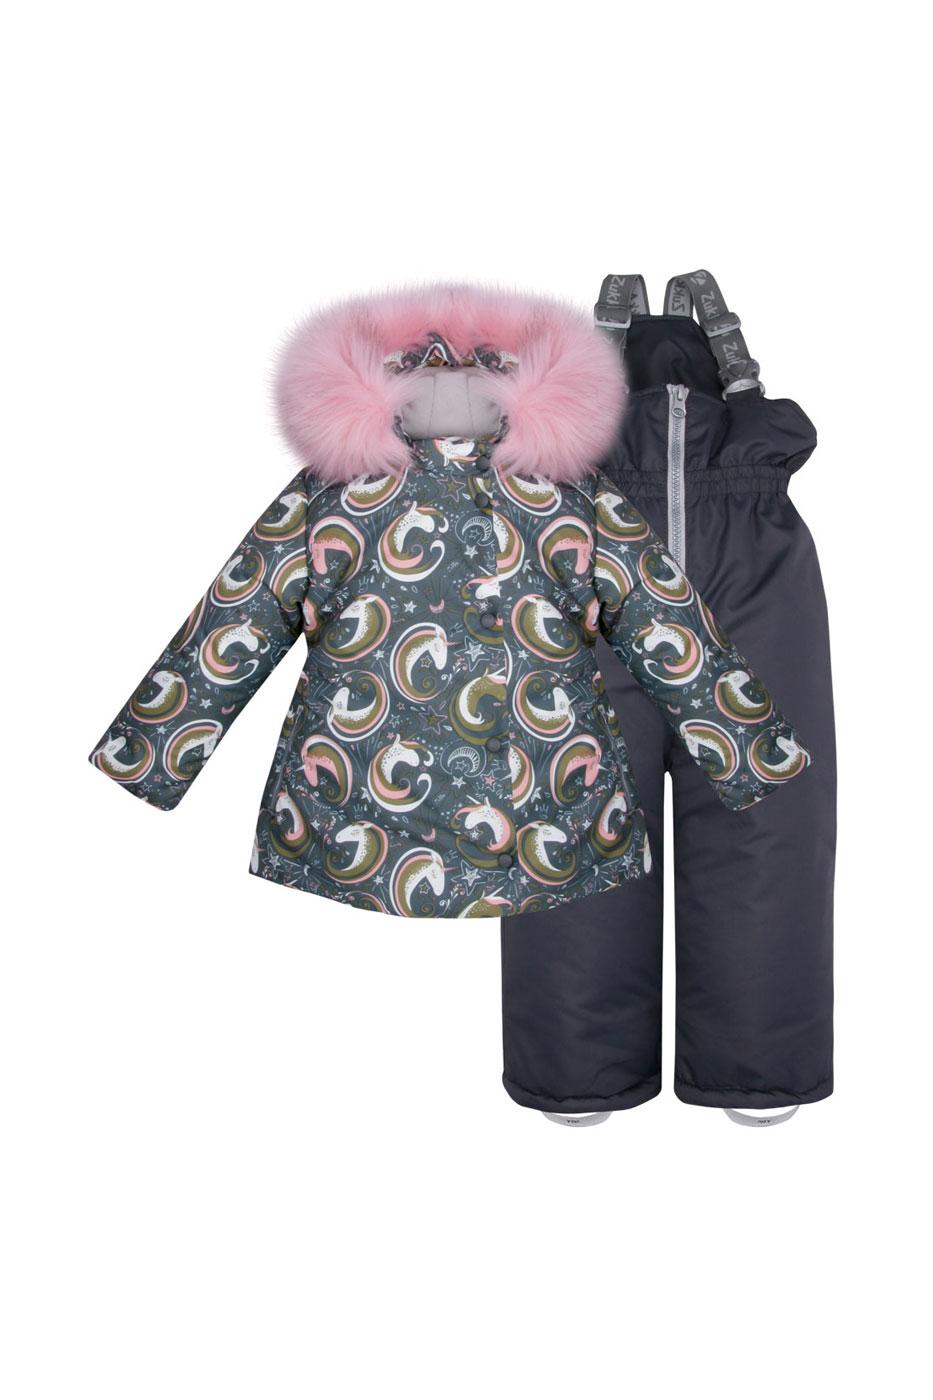 Комплект верхней одежды Zukka, цв. серый; розовый р. 92 фото